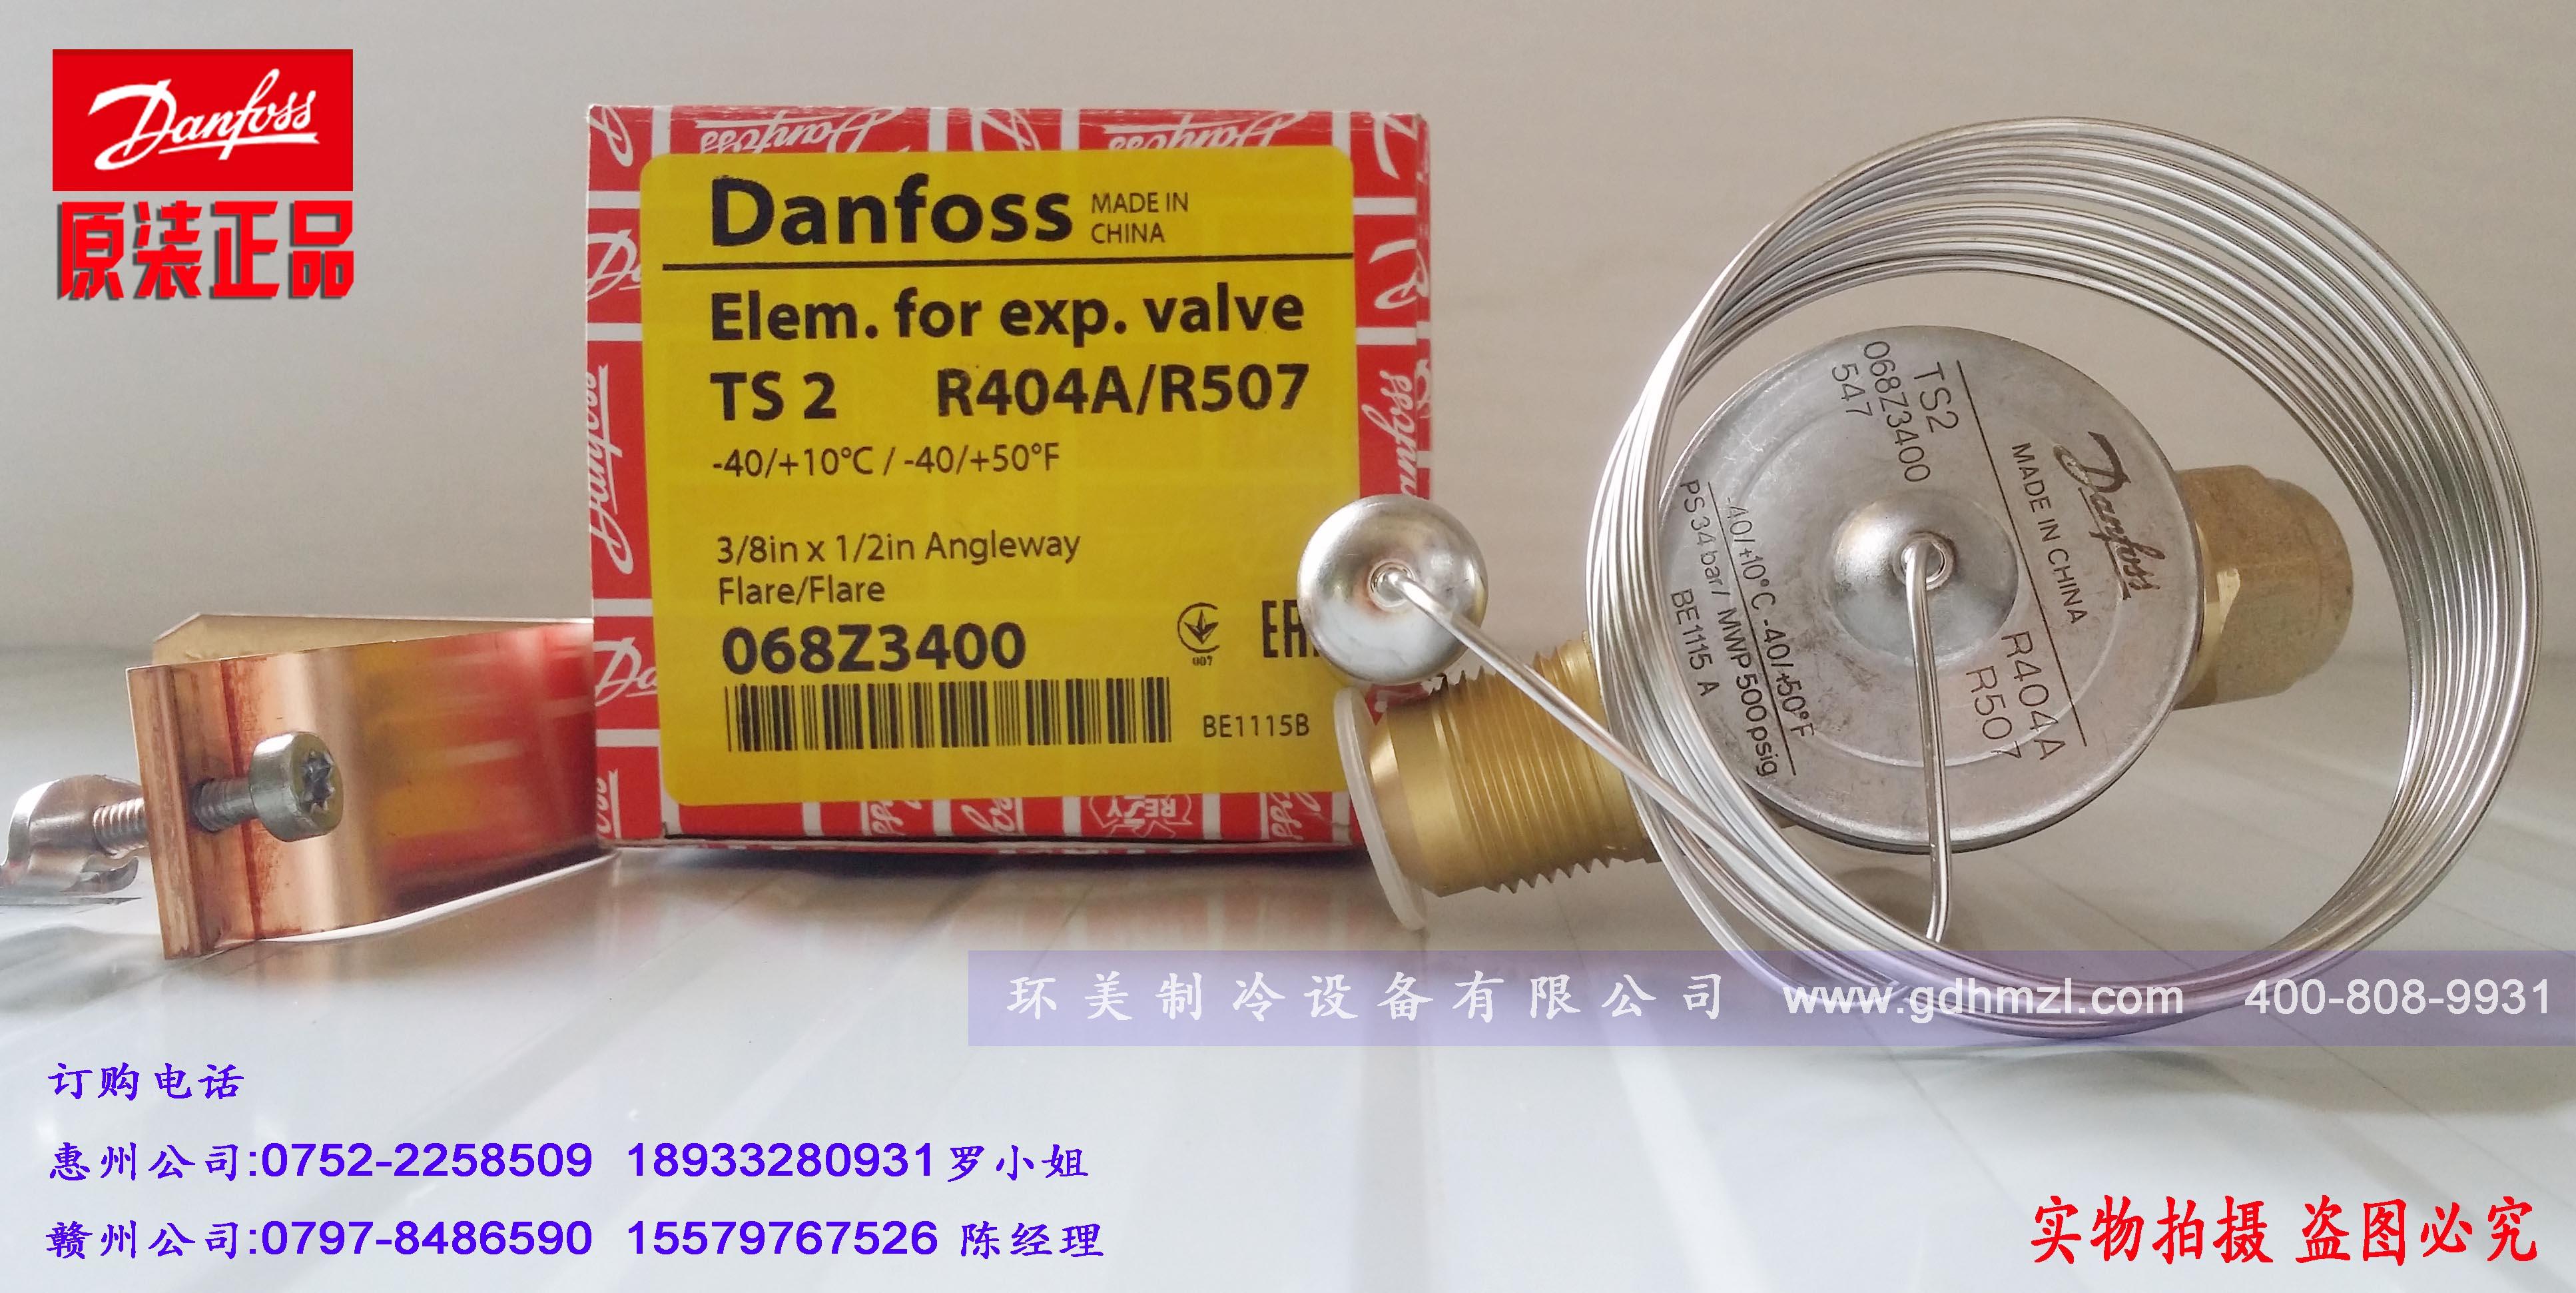 代理销售原装正品danfoss丹佛斯热力膨胀阀TS2 /068Z3400